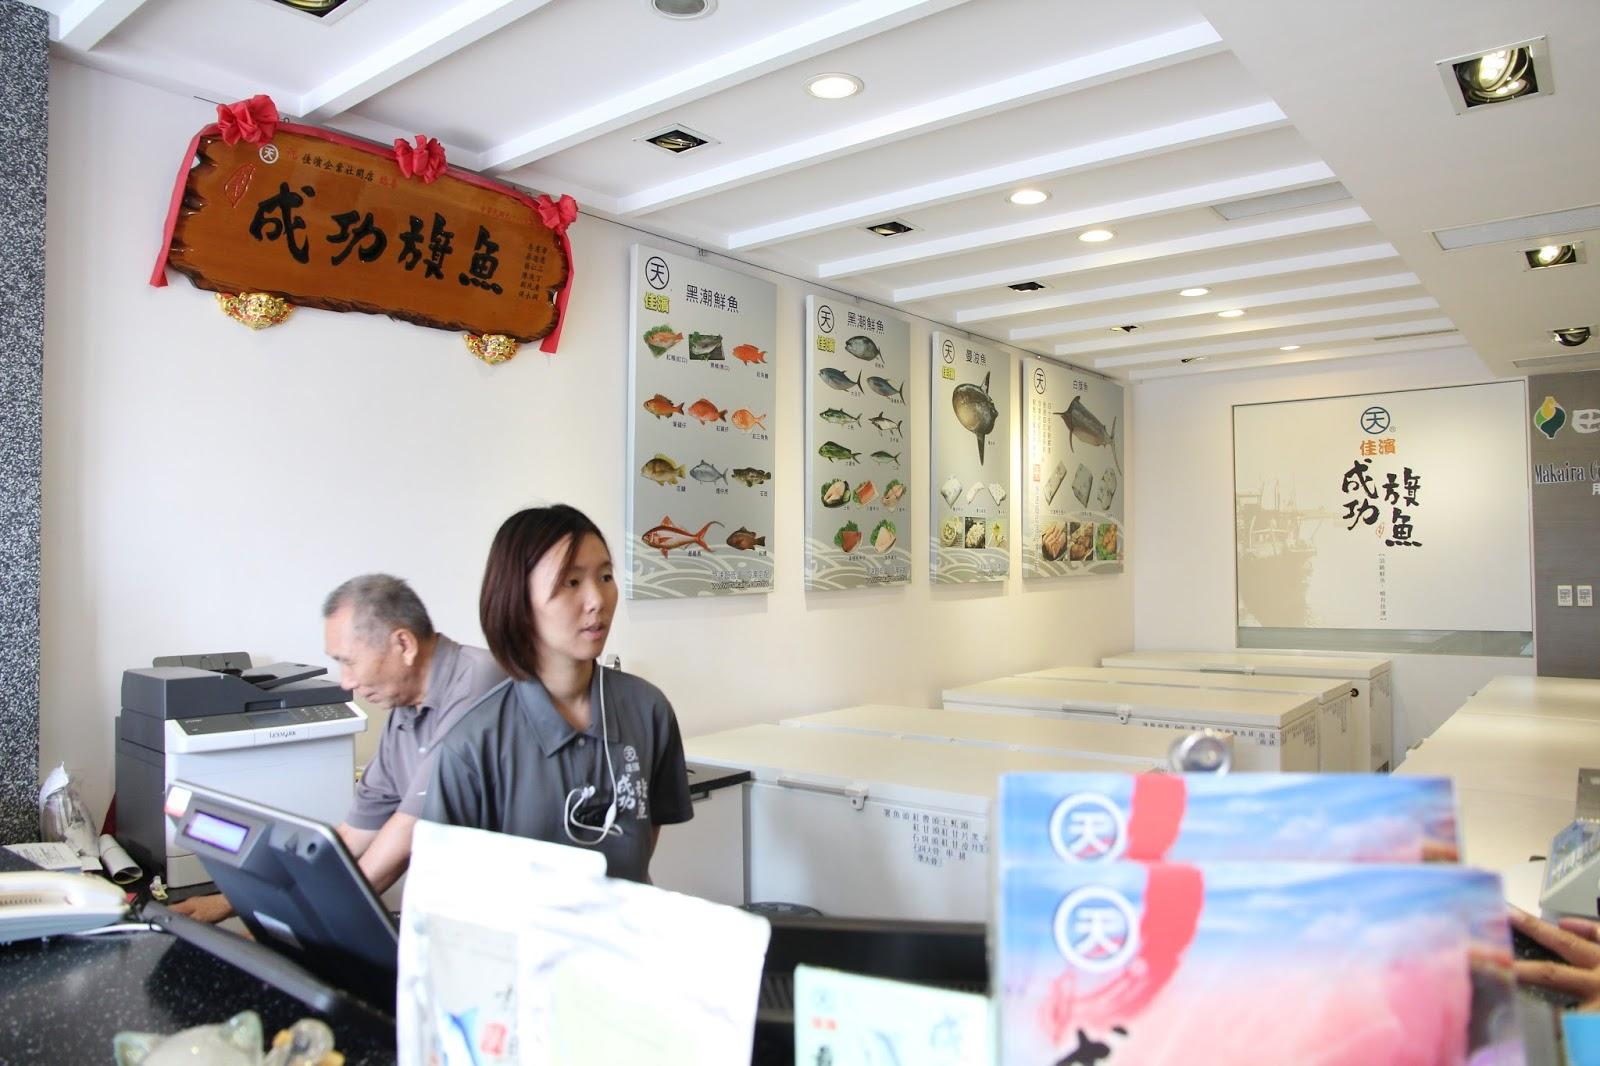 林公子生活遊記: 成功嘉濱旗魚餐廳風味餐 販售嚴選當地新鮮高品質鮮魚,利用超低溫急速冷凍處理,提供 ...